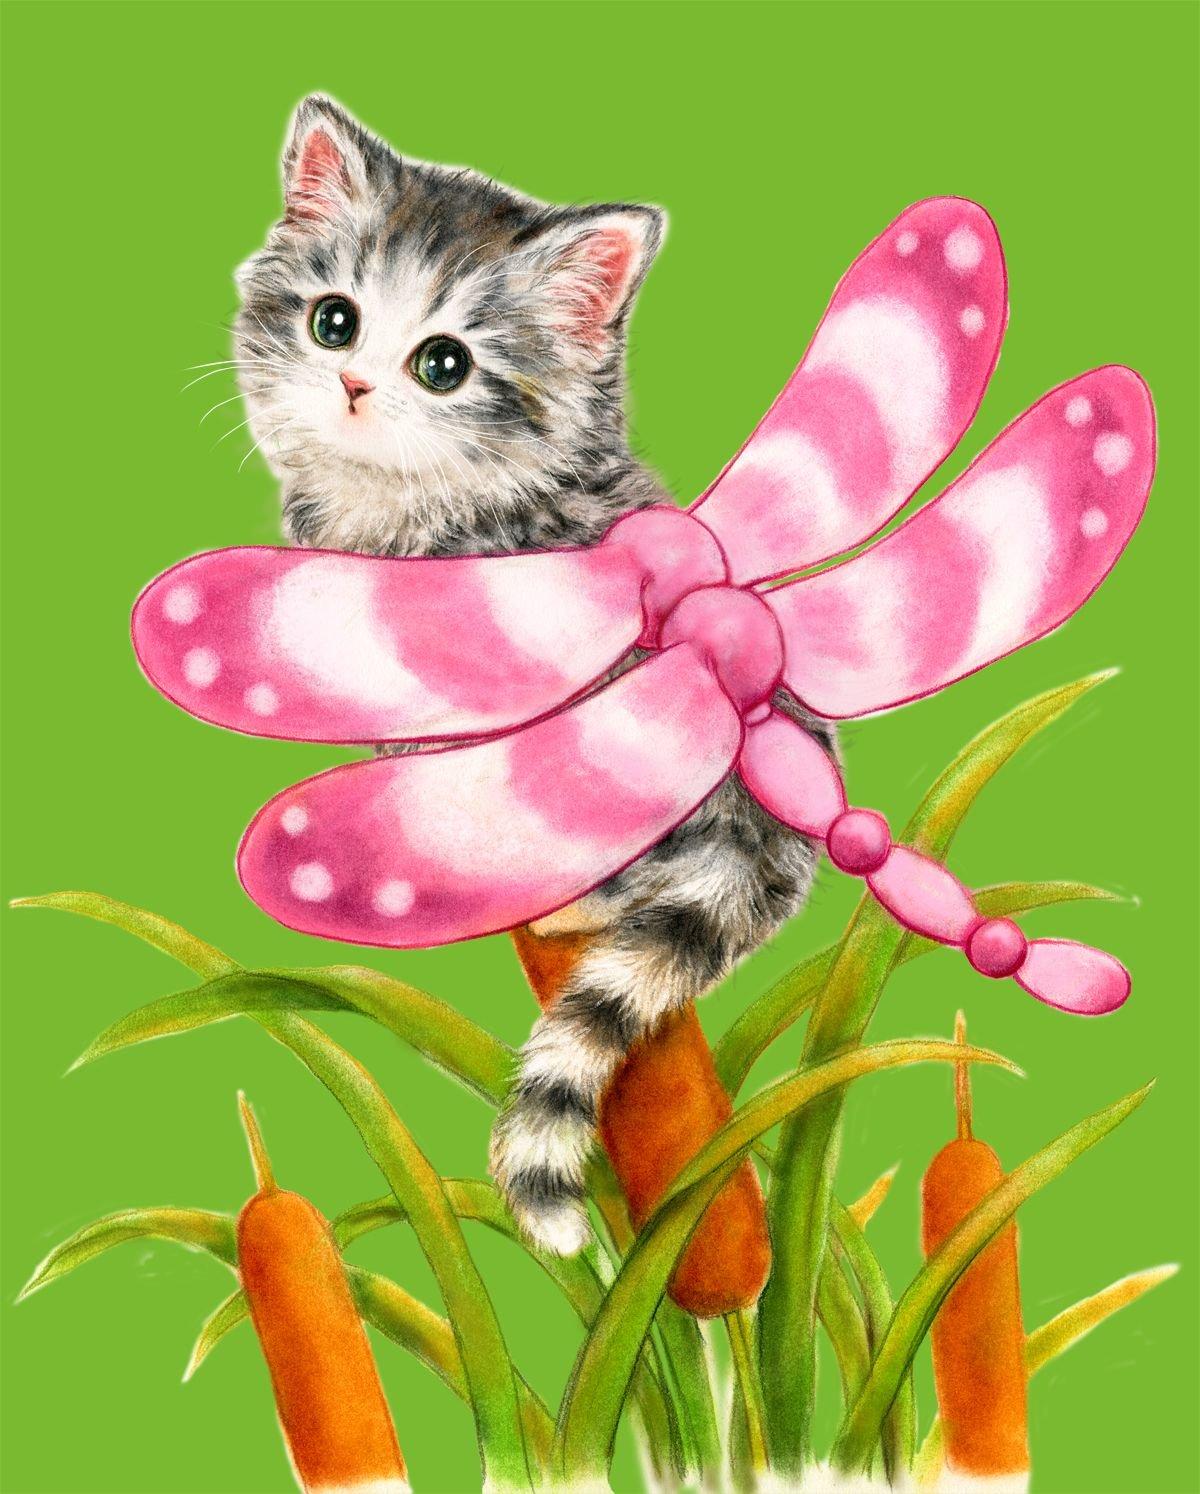 картинки зверушки котенок относятся ним благосклонно